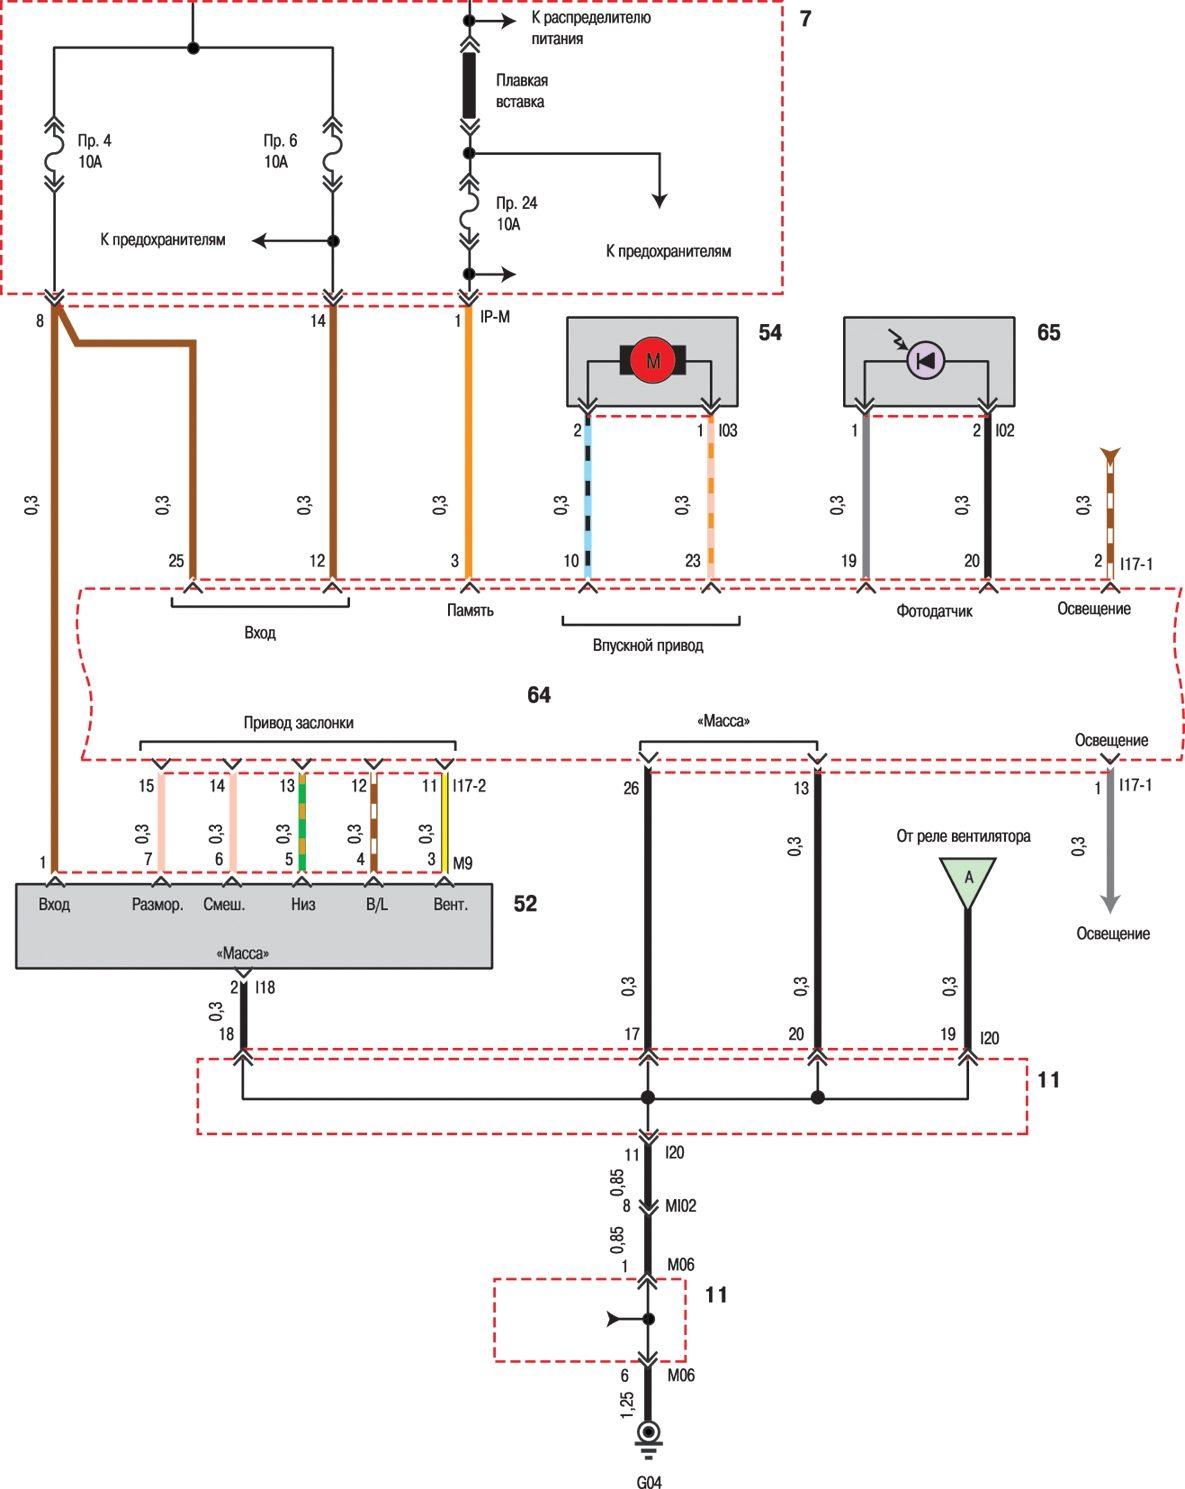 Sonata IV Принципиальная схема.  Автоматическое управление 1 вентилятором и кондиционером.